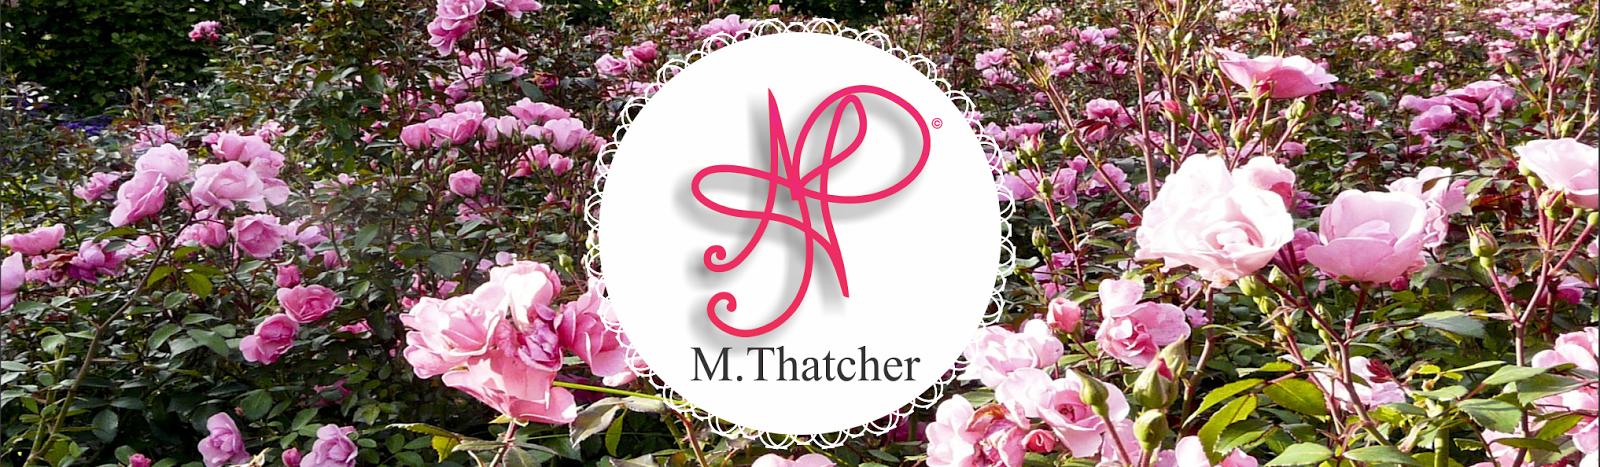 M. Thatcher